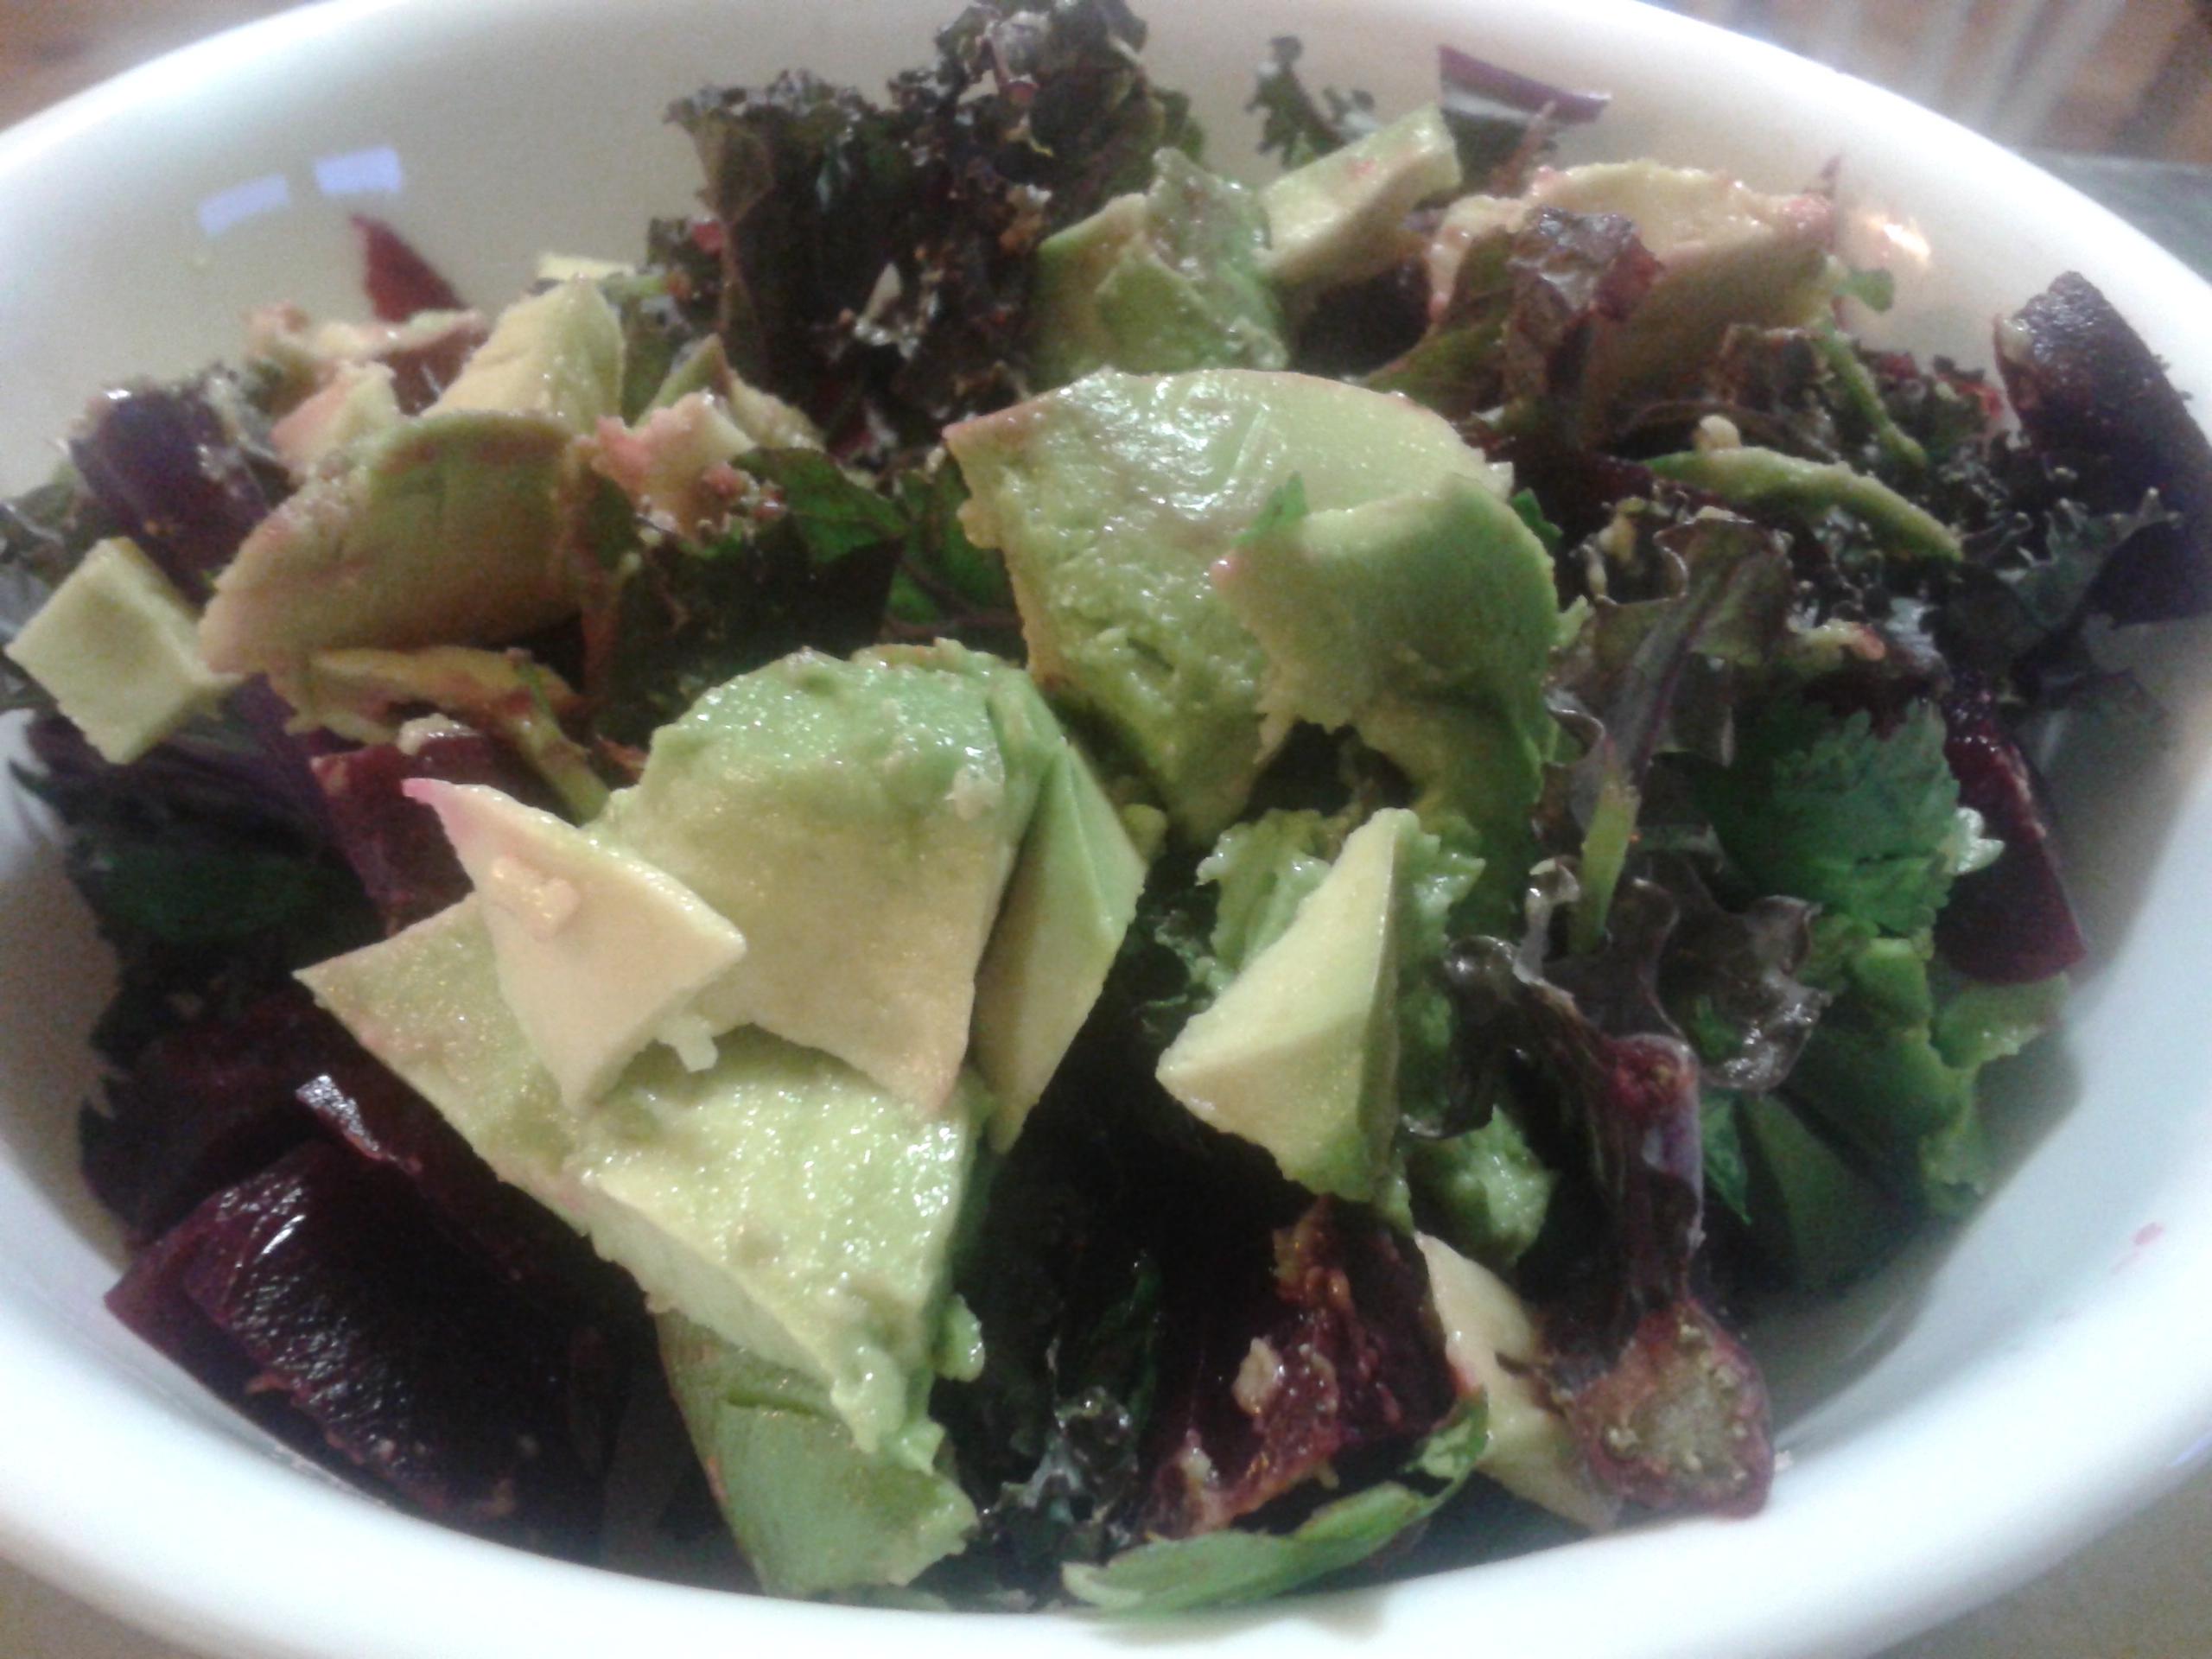 Kale & Beet Salad with Advocado